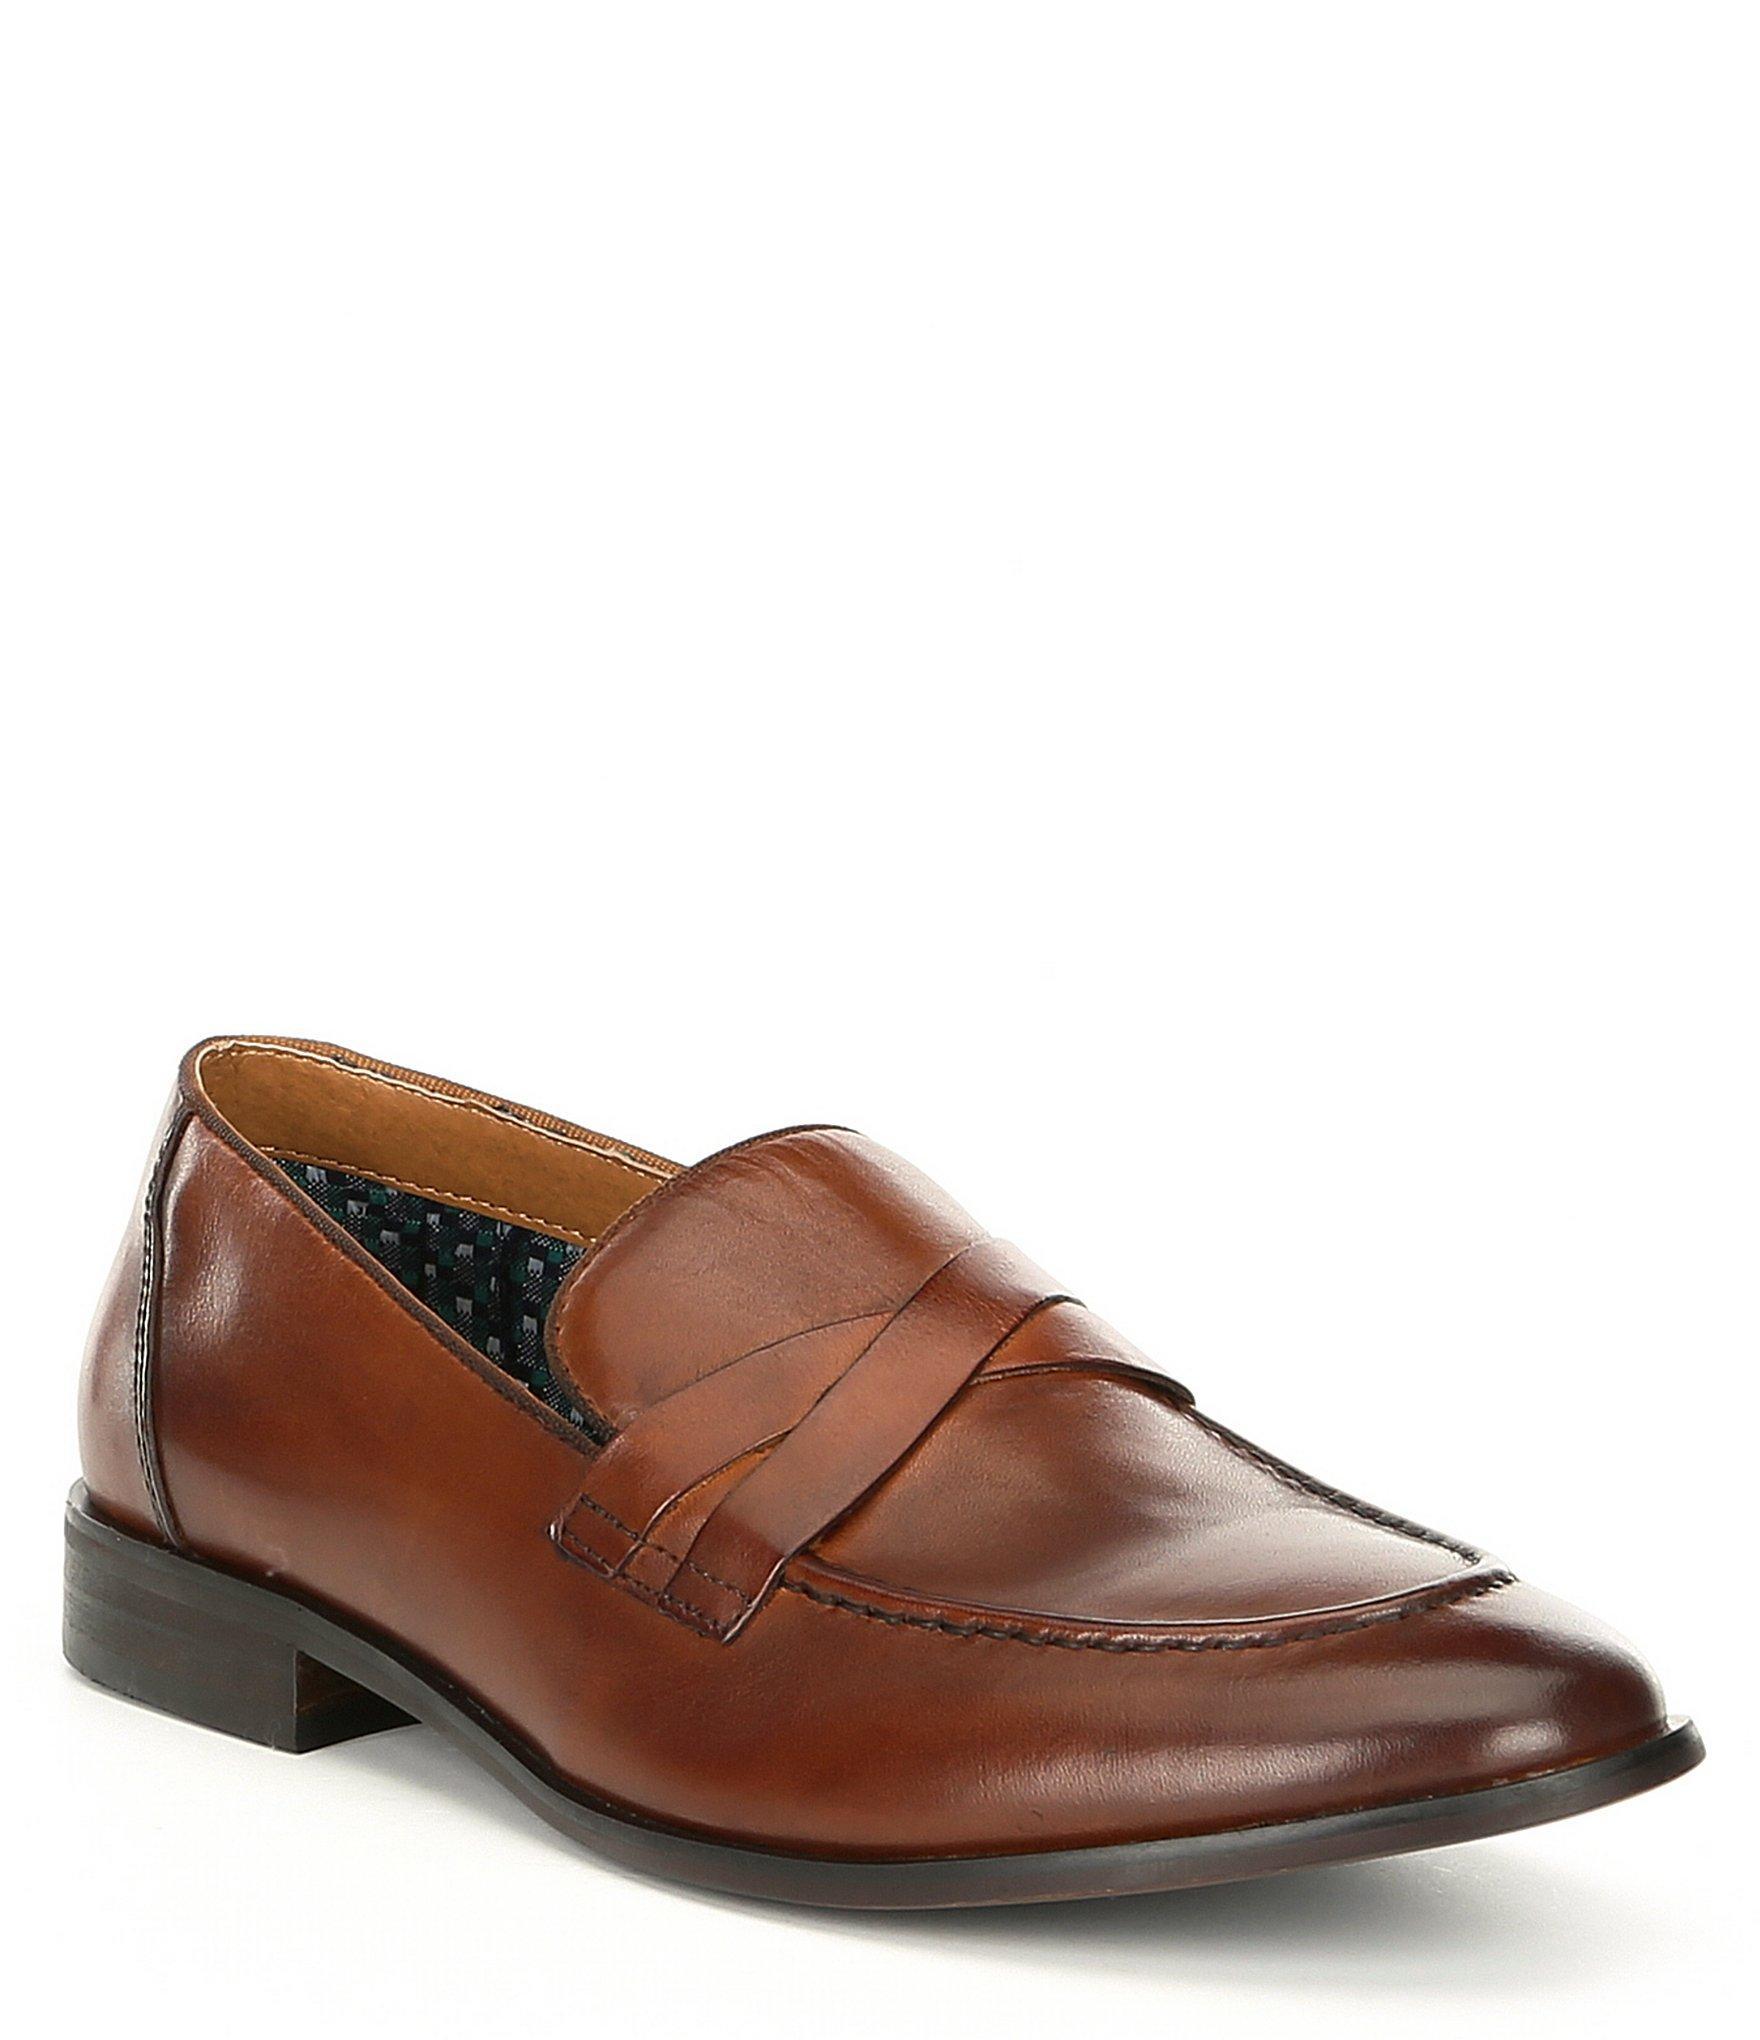 260595e3007 Lyst - Steve Madden Men s Offbeat Leather Slip On in Brown for Men